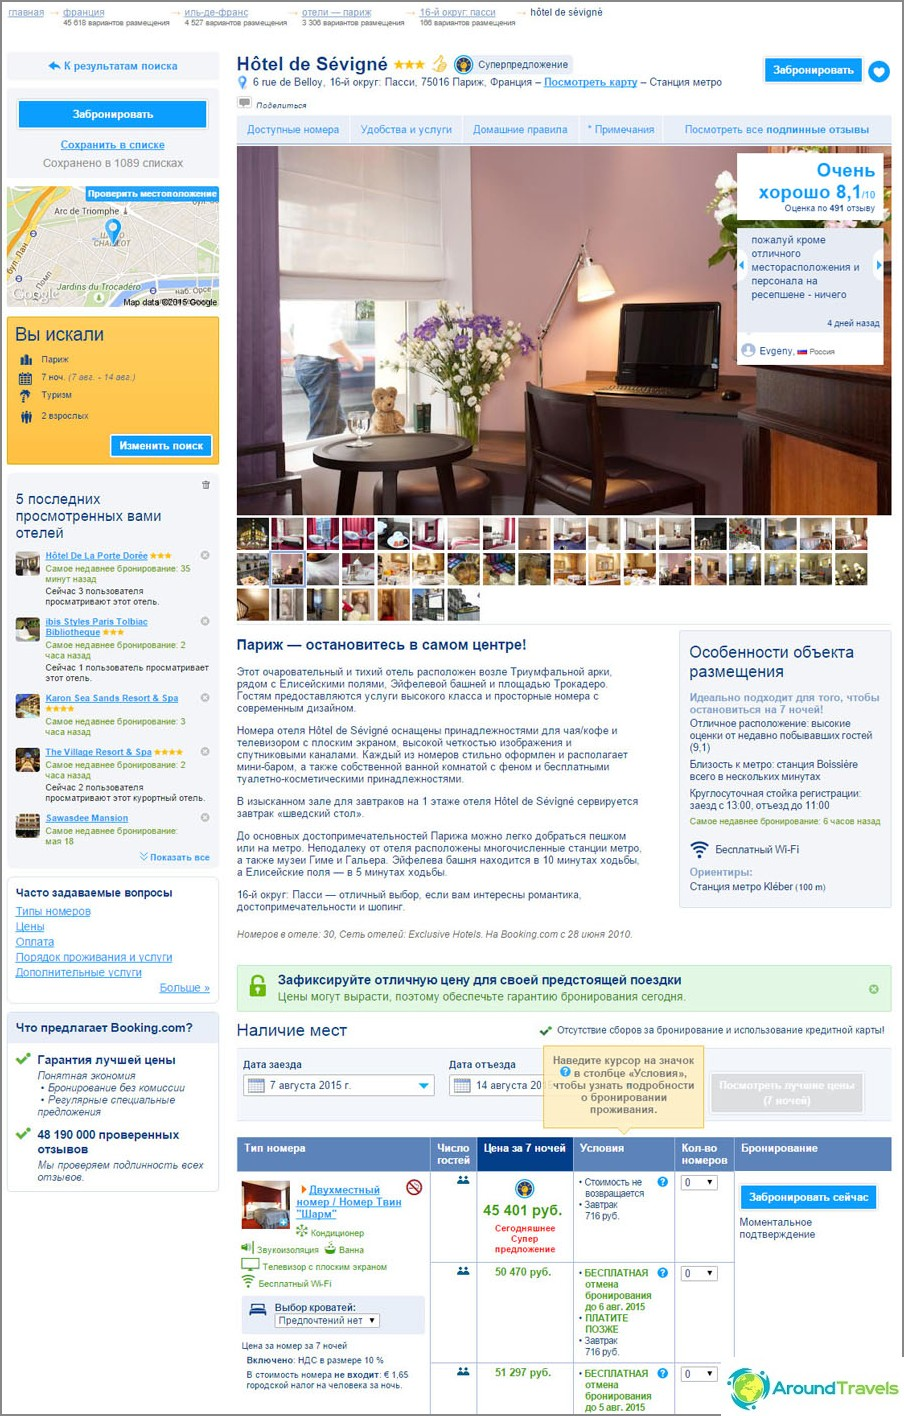 Страница на избрания хотел с подробно описание